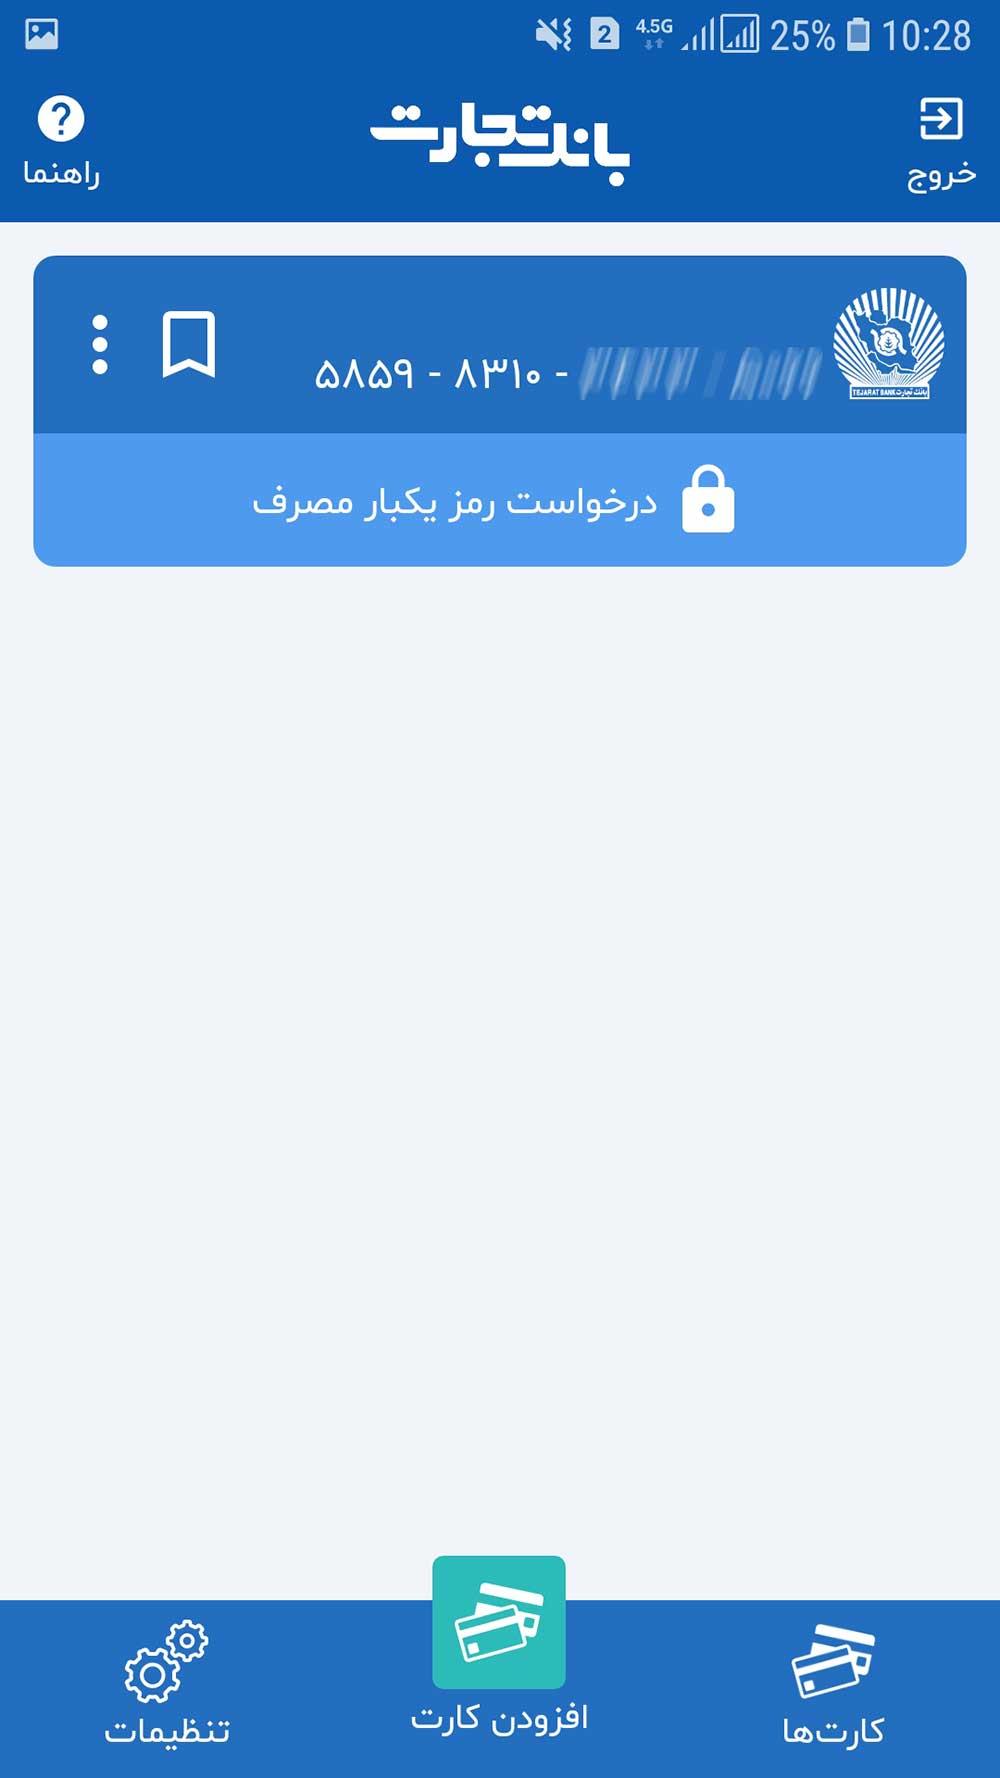 آموزش کوتاه فعالسازی رمز پویا بانک تجارت با اپلیکیشن همراز | رسانه چیکاو